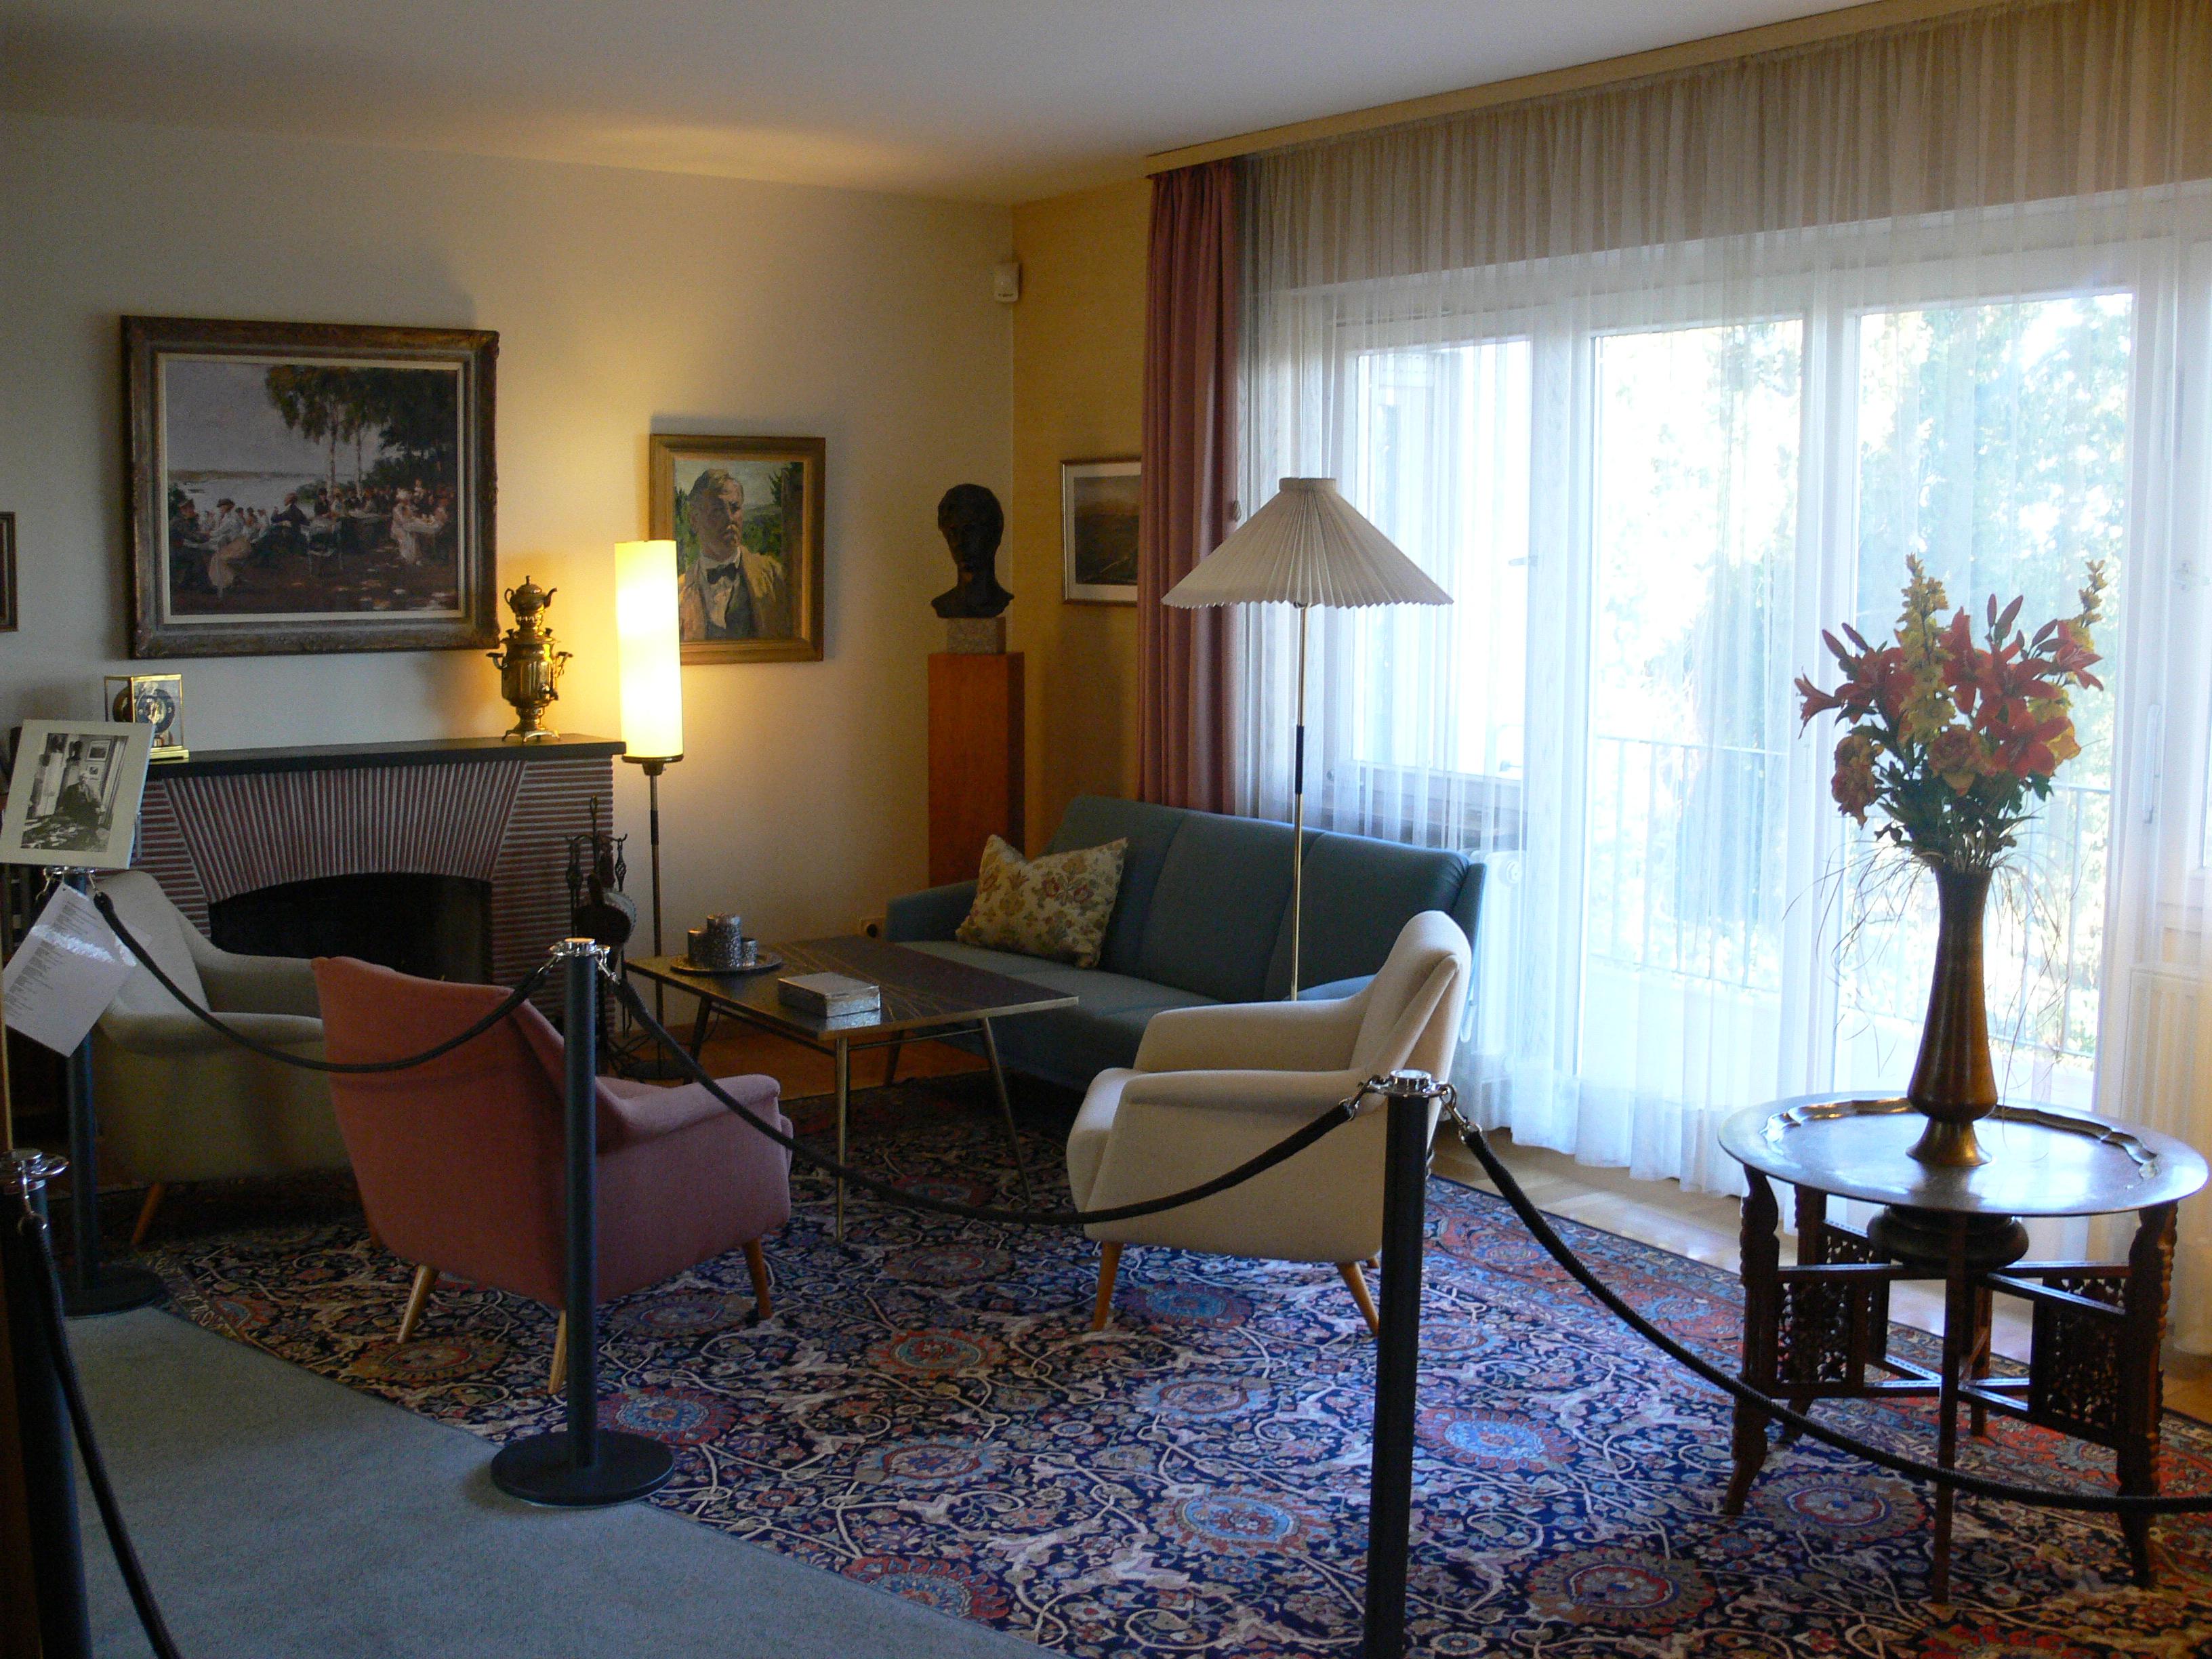 File:Heuss-Haus Wohnzimmer.jpg - Wikimedia Commons